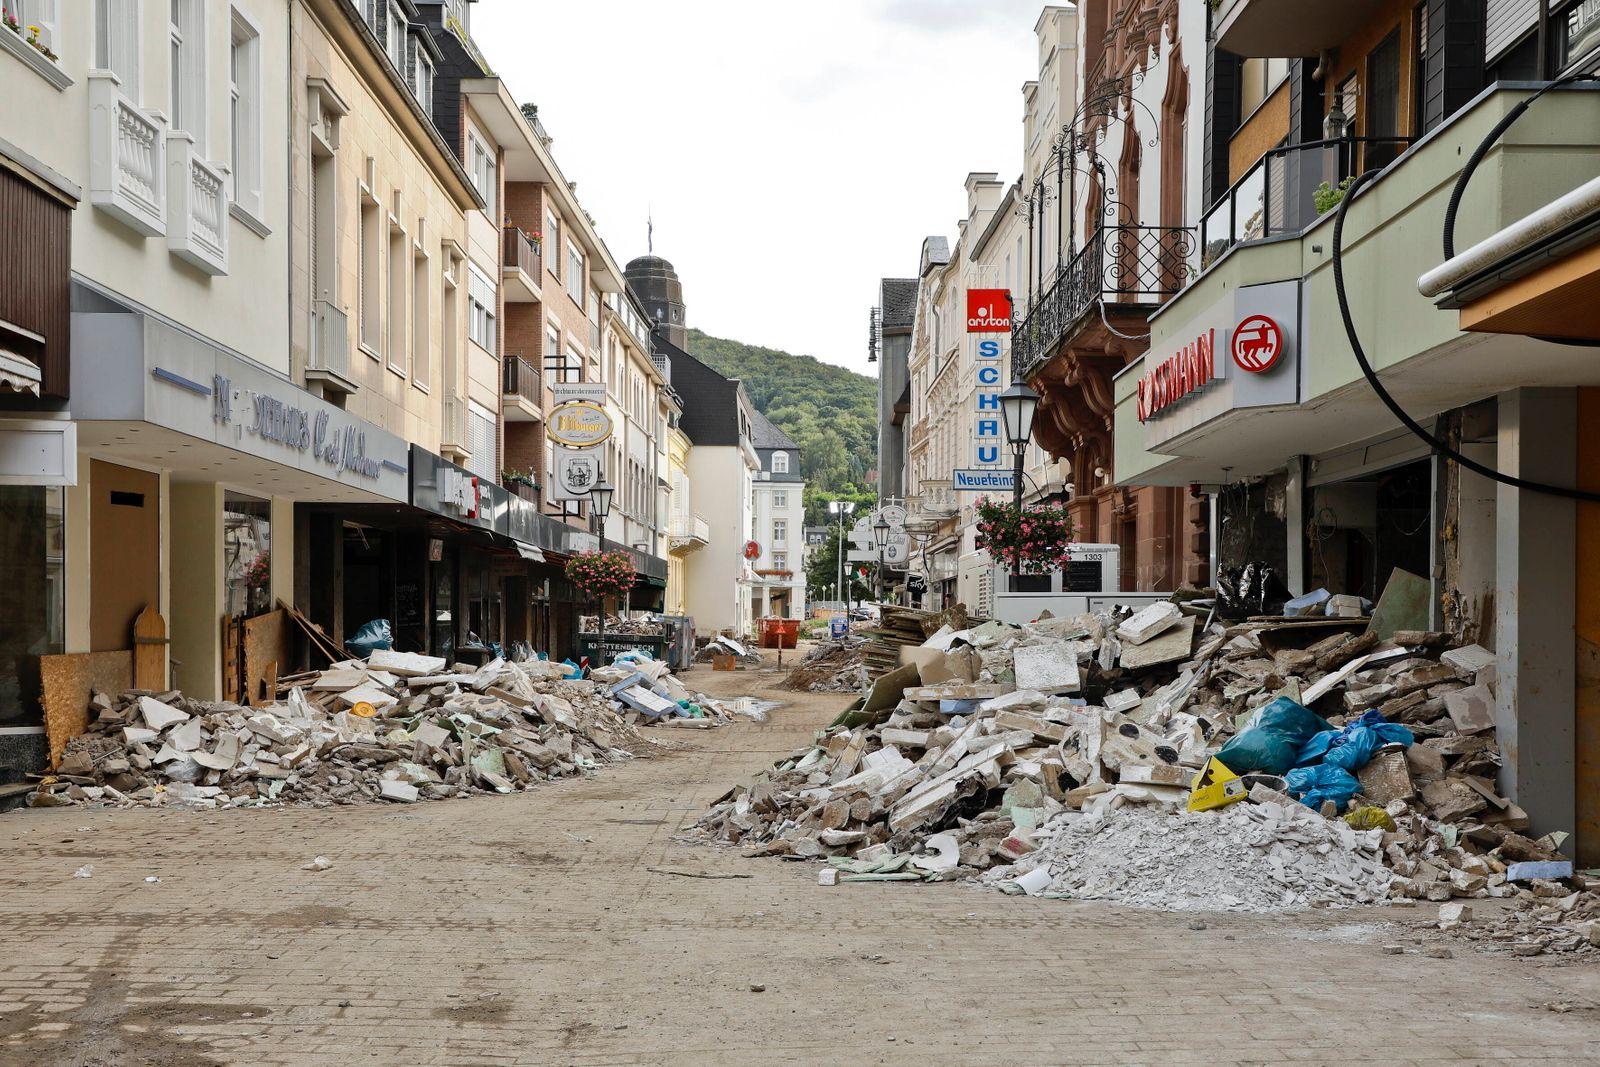 21.08.2021, Bad Neuenahr, Deutschland - Flutkatastrophe im Ahrtal. Foto: Im Ortskern von Bad Neuenahr nach der Flutkatas